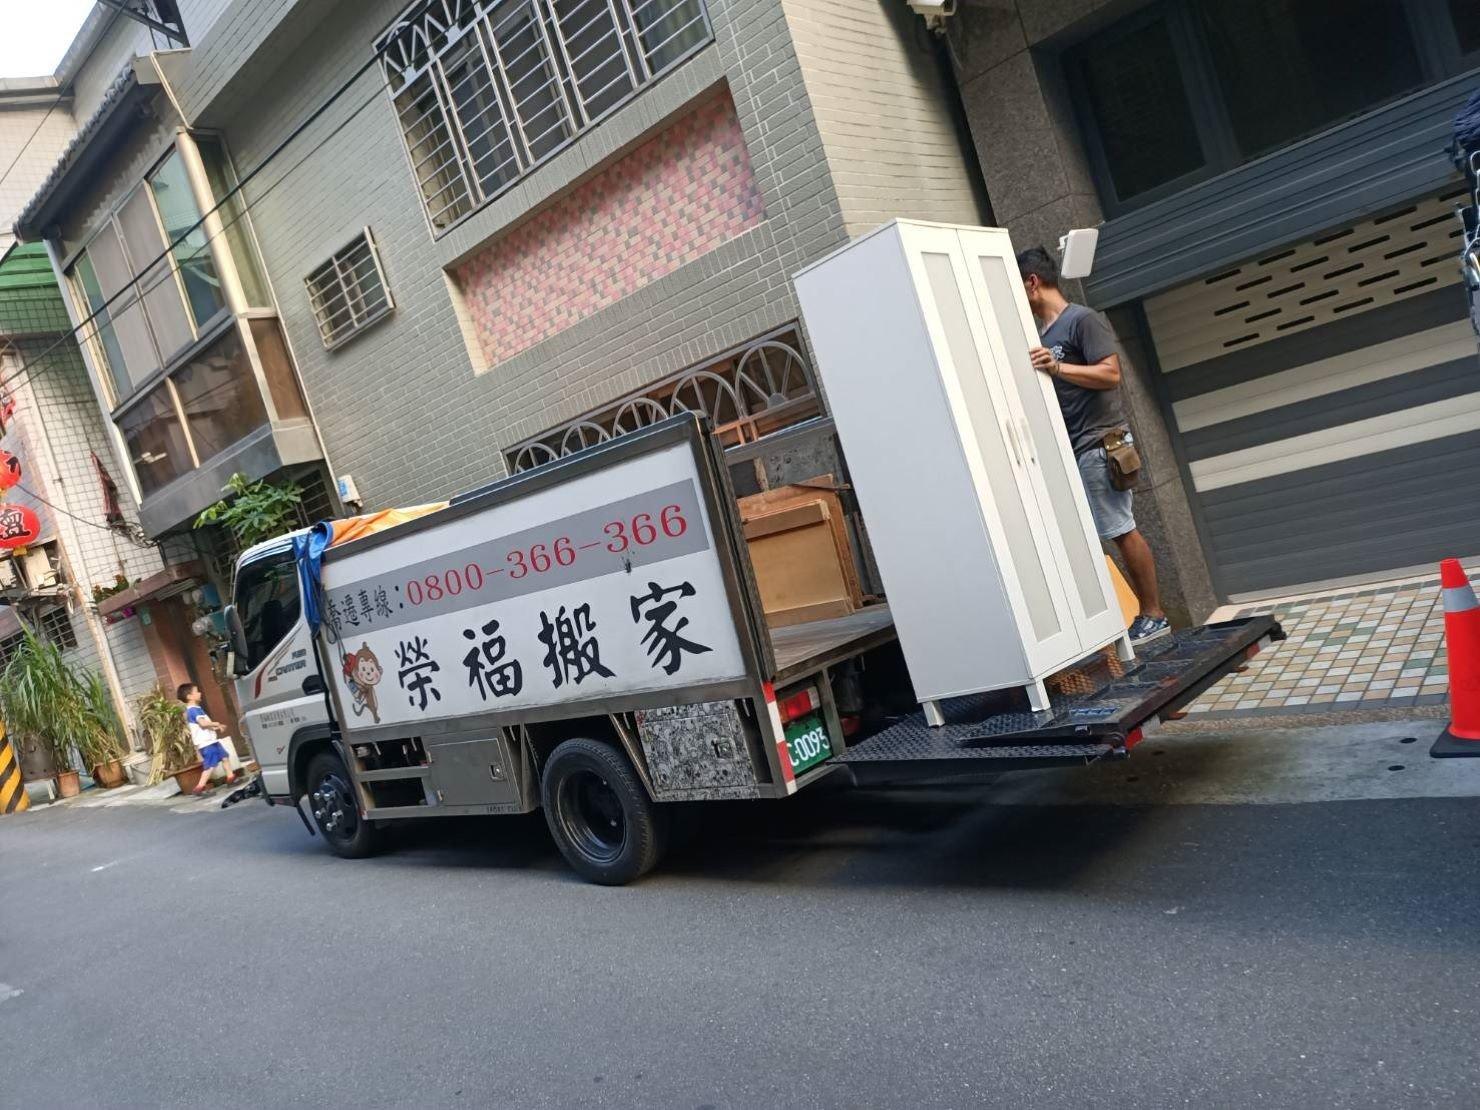 【搬家實錄】台北搬家實例-3層樓透天屋搬遷